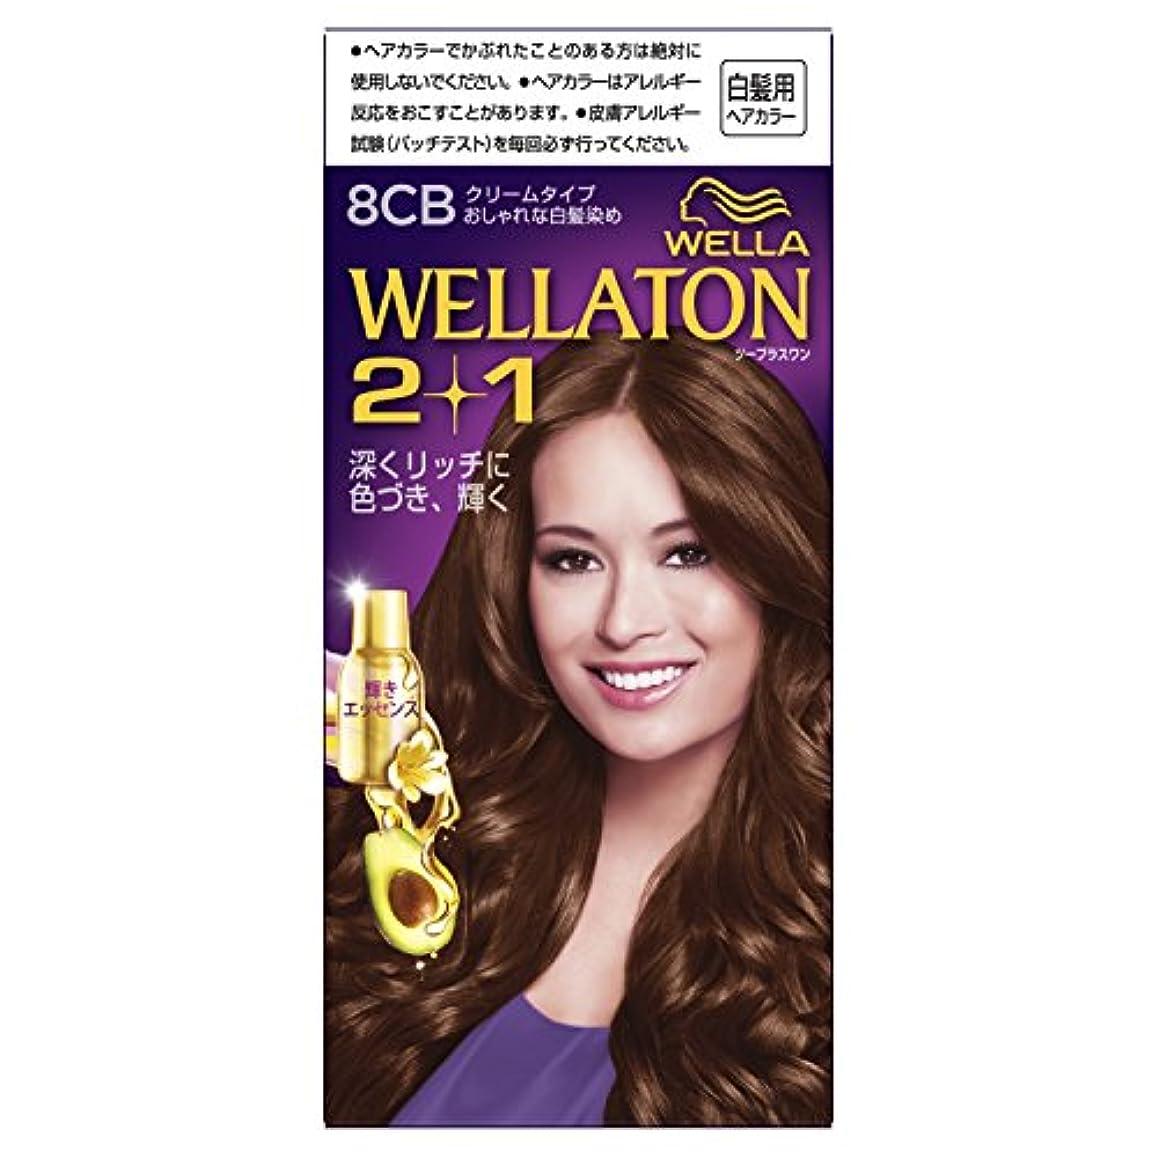 保存強大な明示的にウエラトーン2+1 クリームタイプ 8CB [医薬部外品](おしゃれな白髪染め)